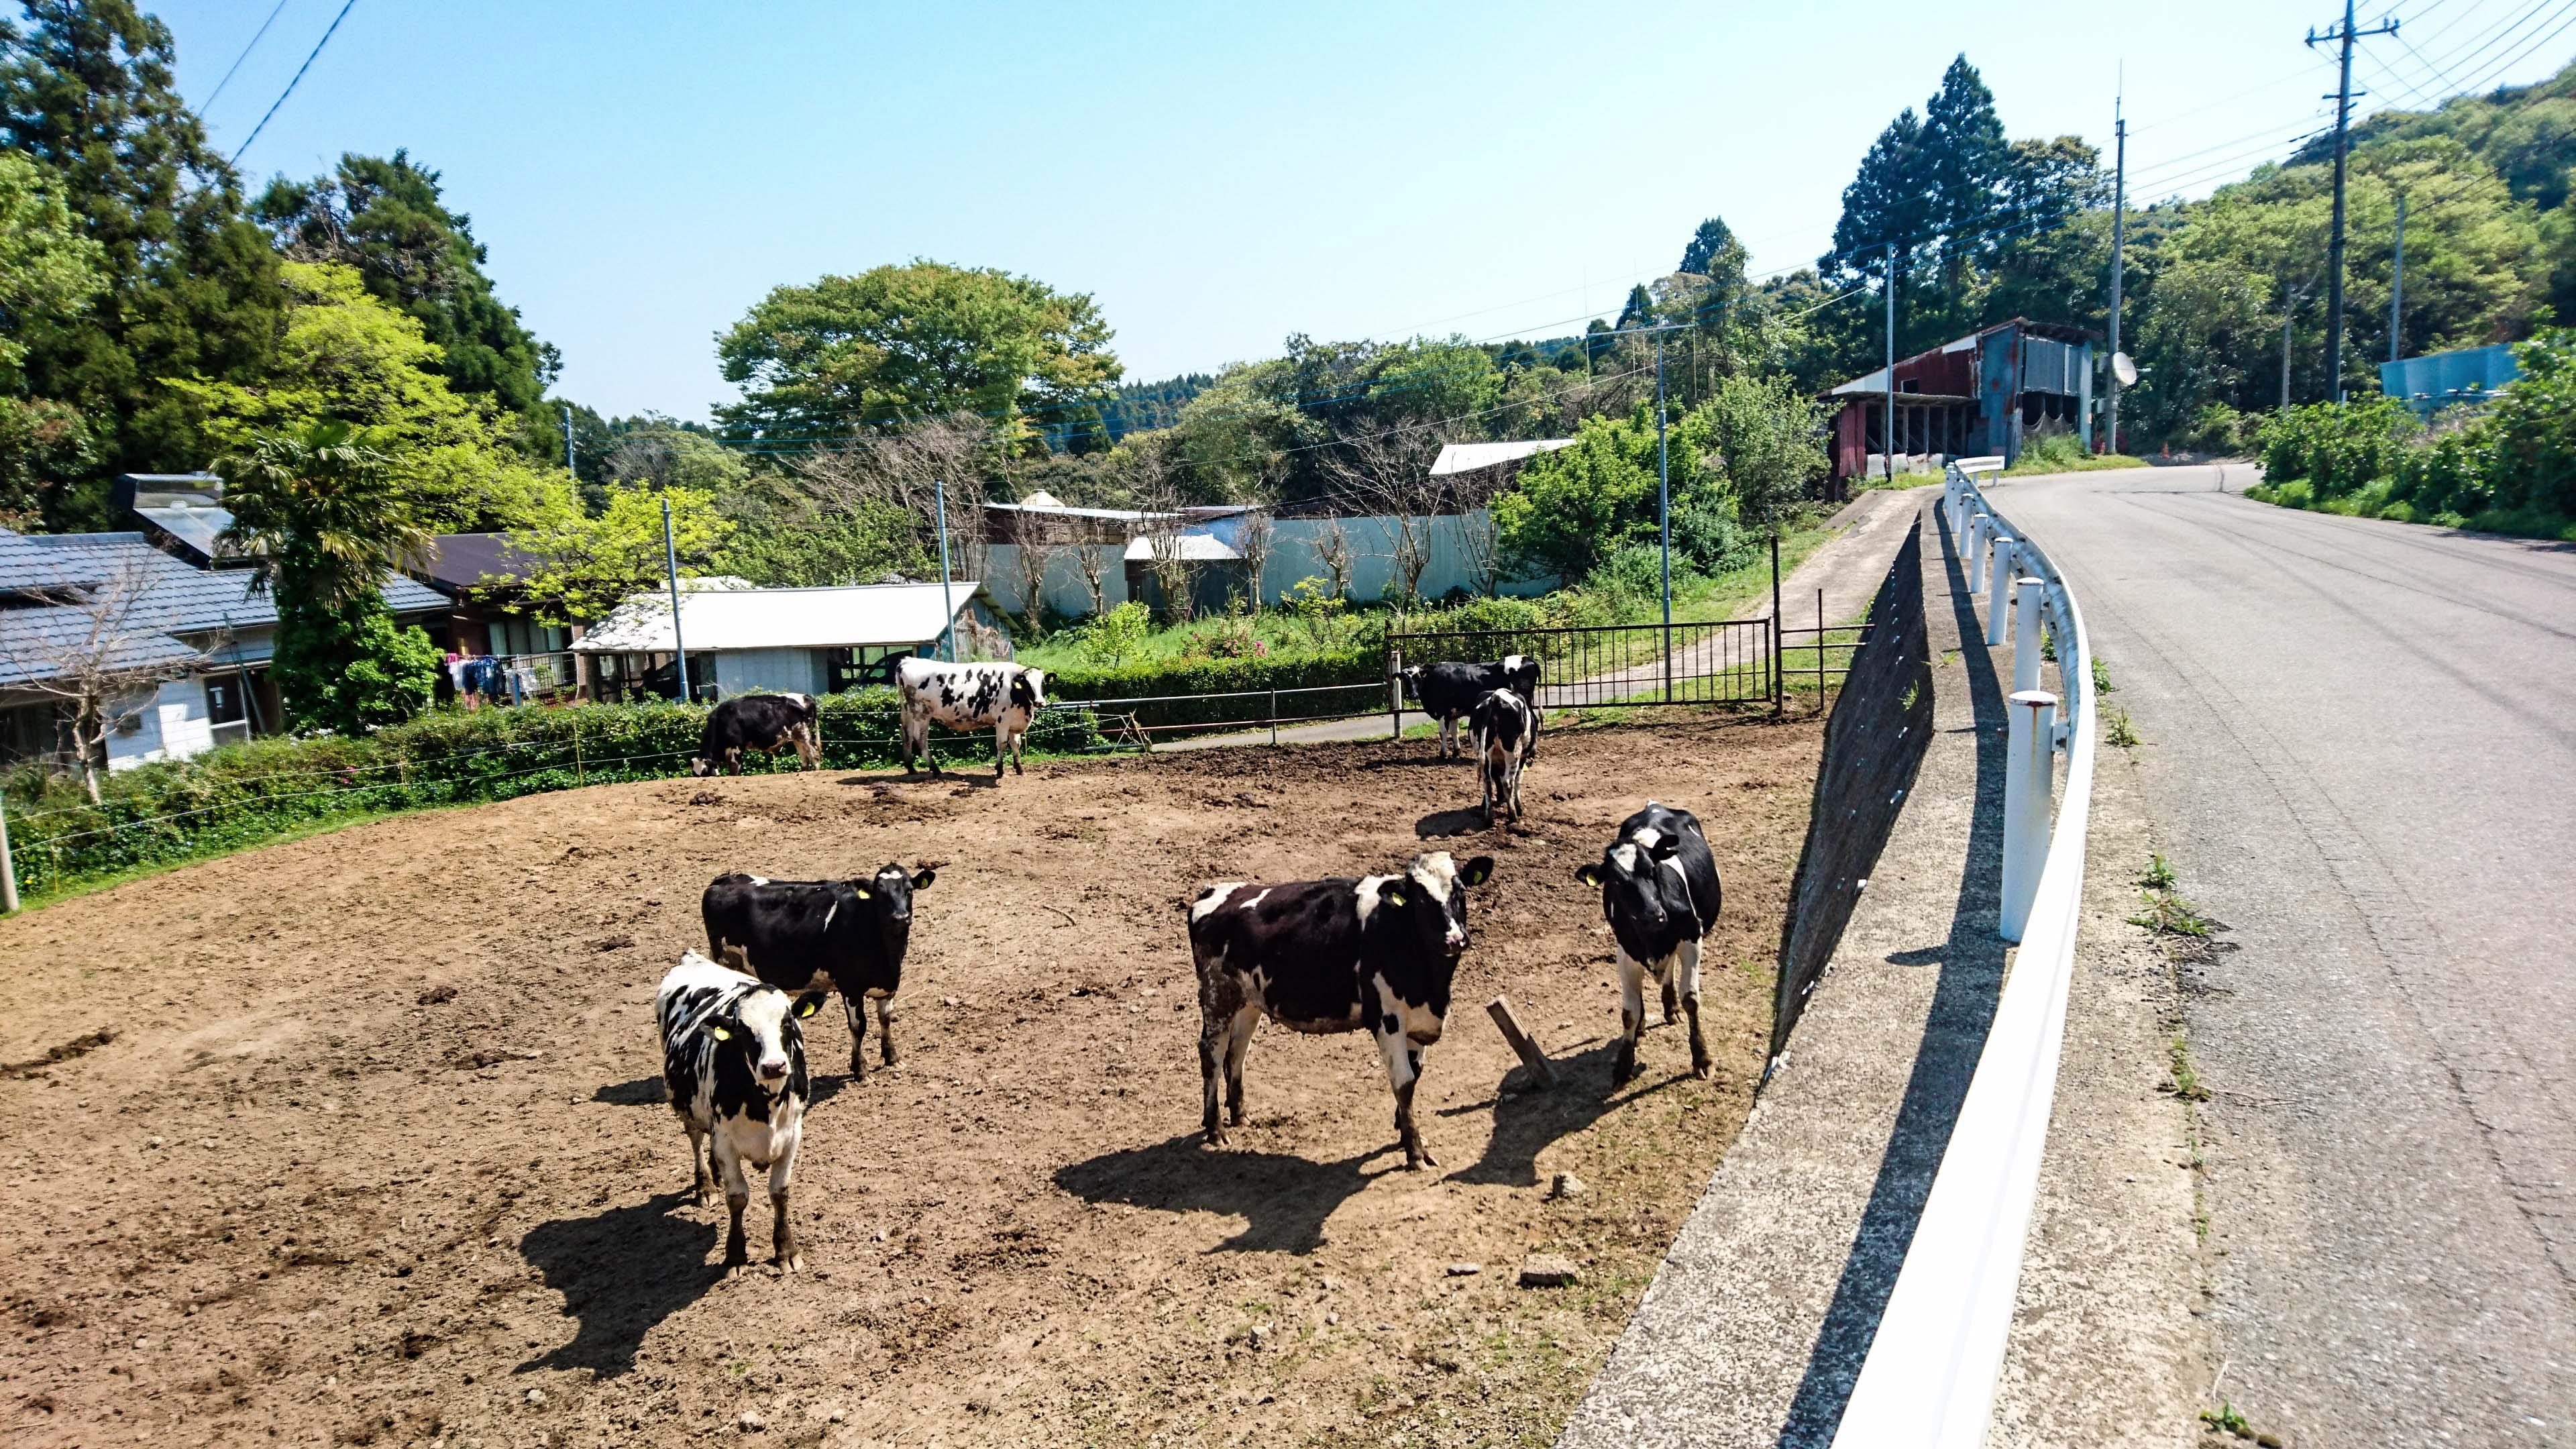 牛の集団がこちらを見ている